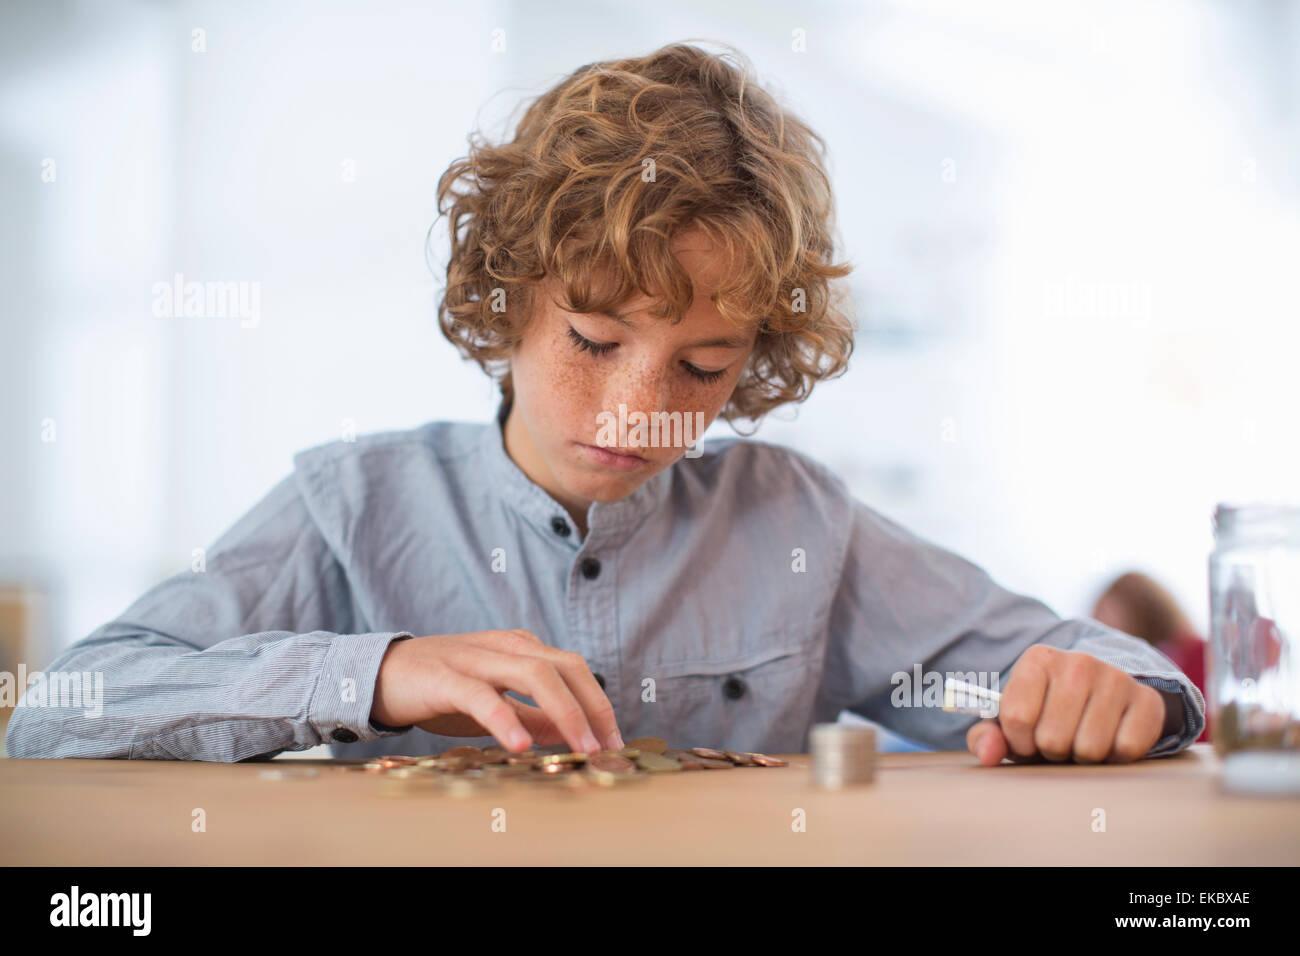 Ragazzo adolescente contare monete Immagini Stock